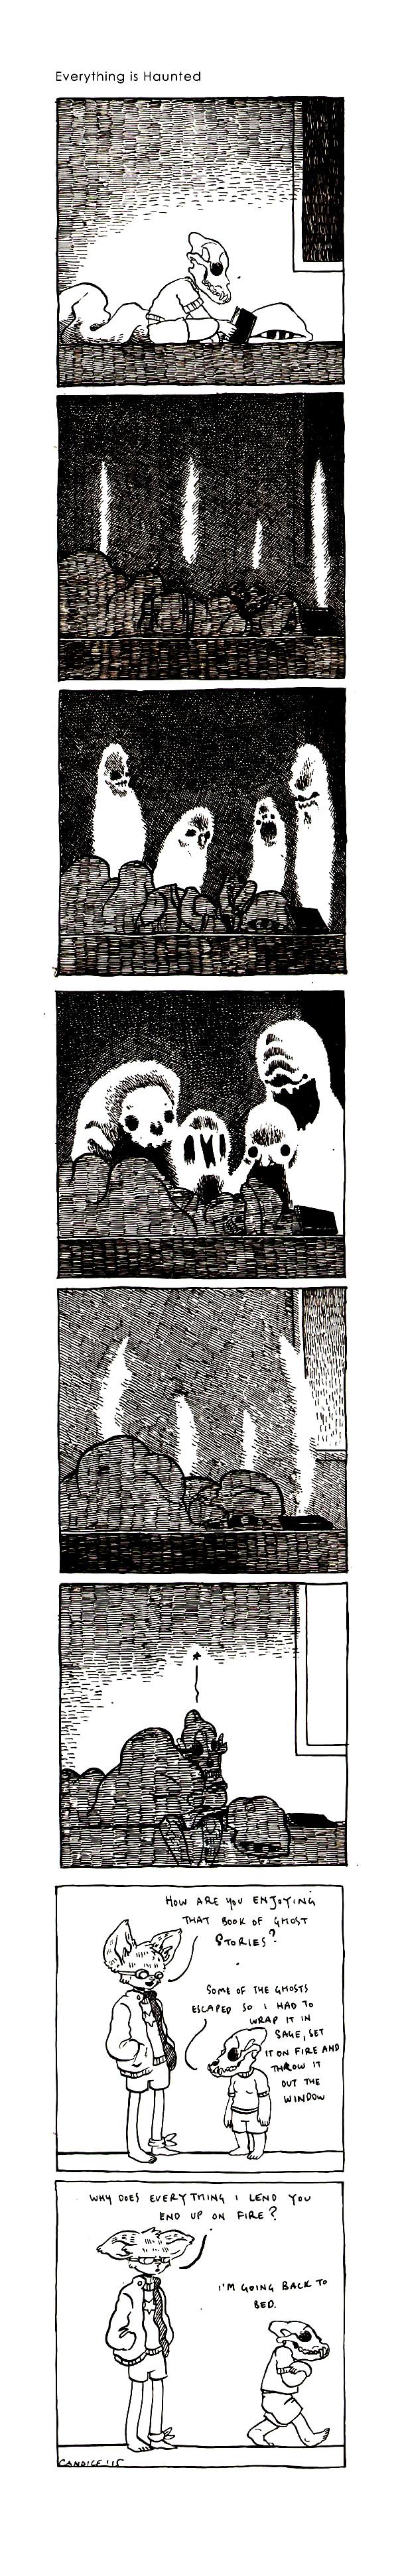 4_3.jpg